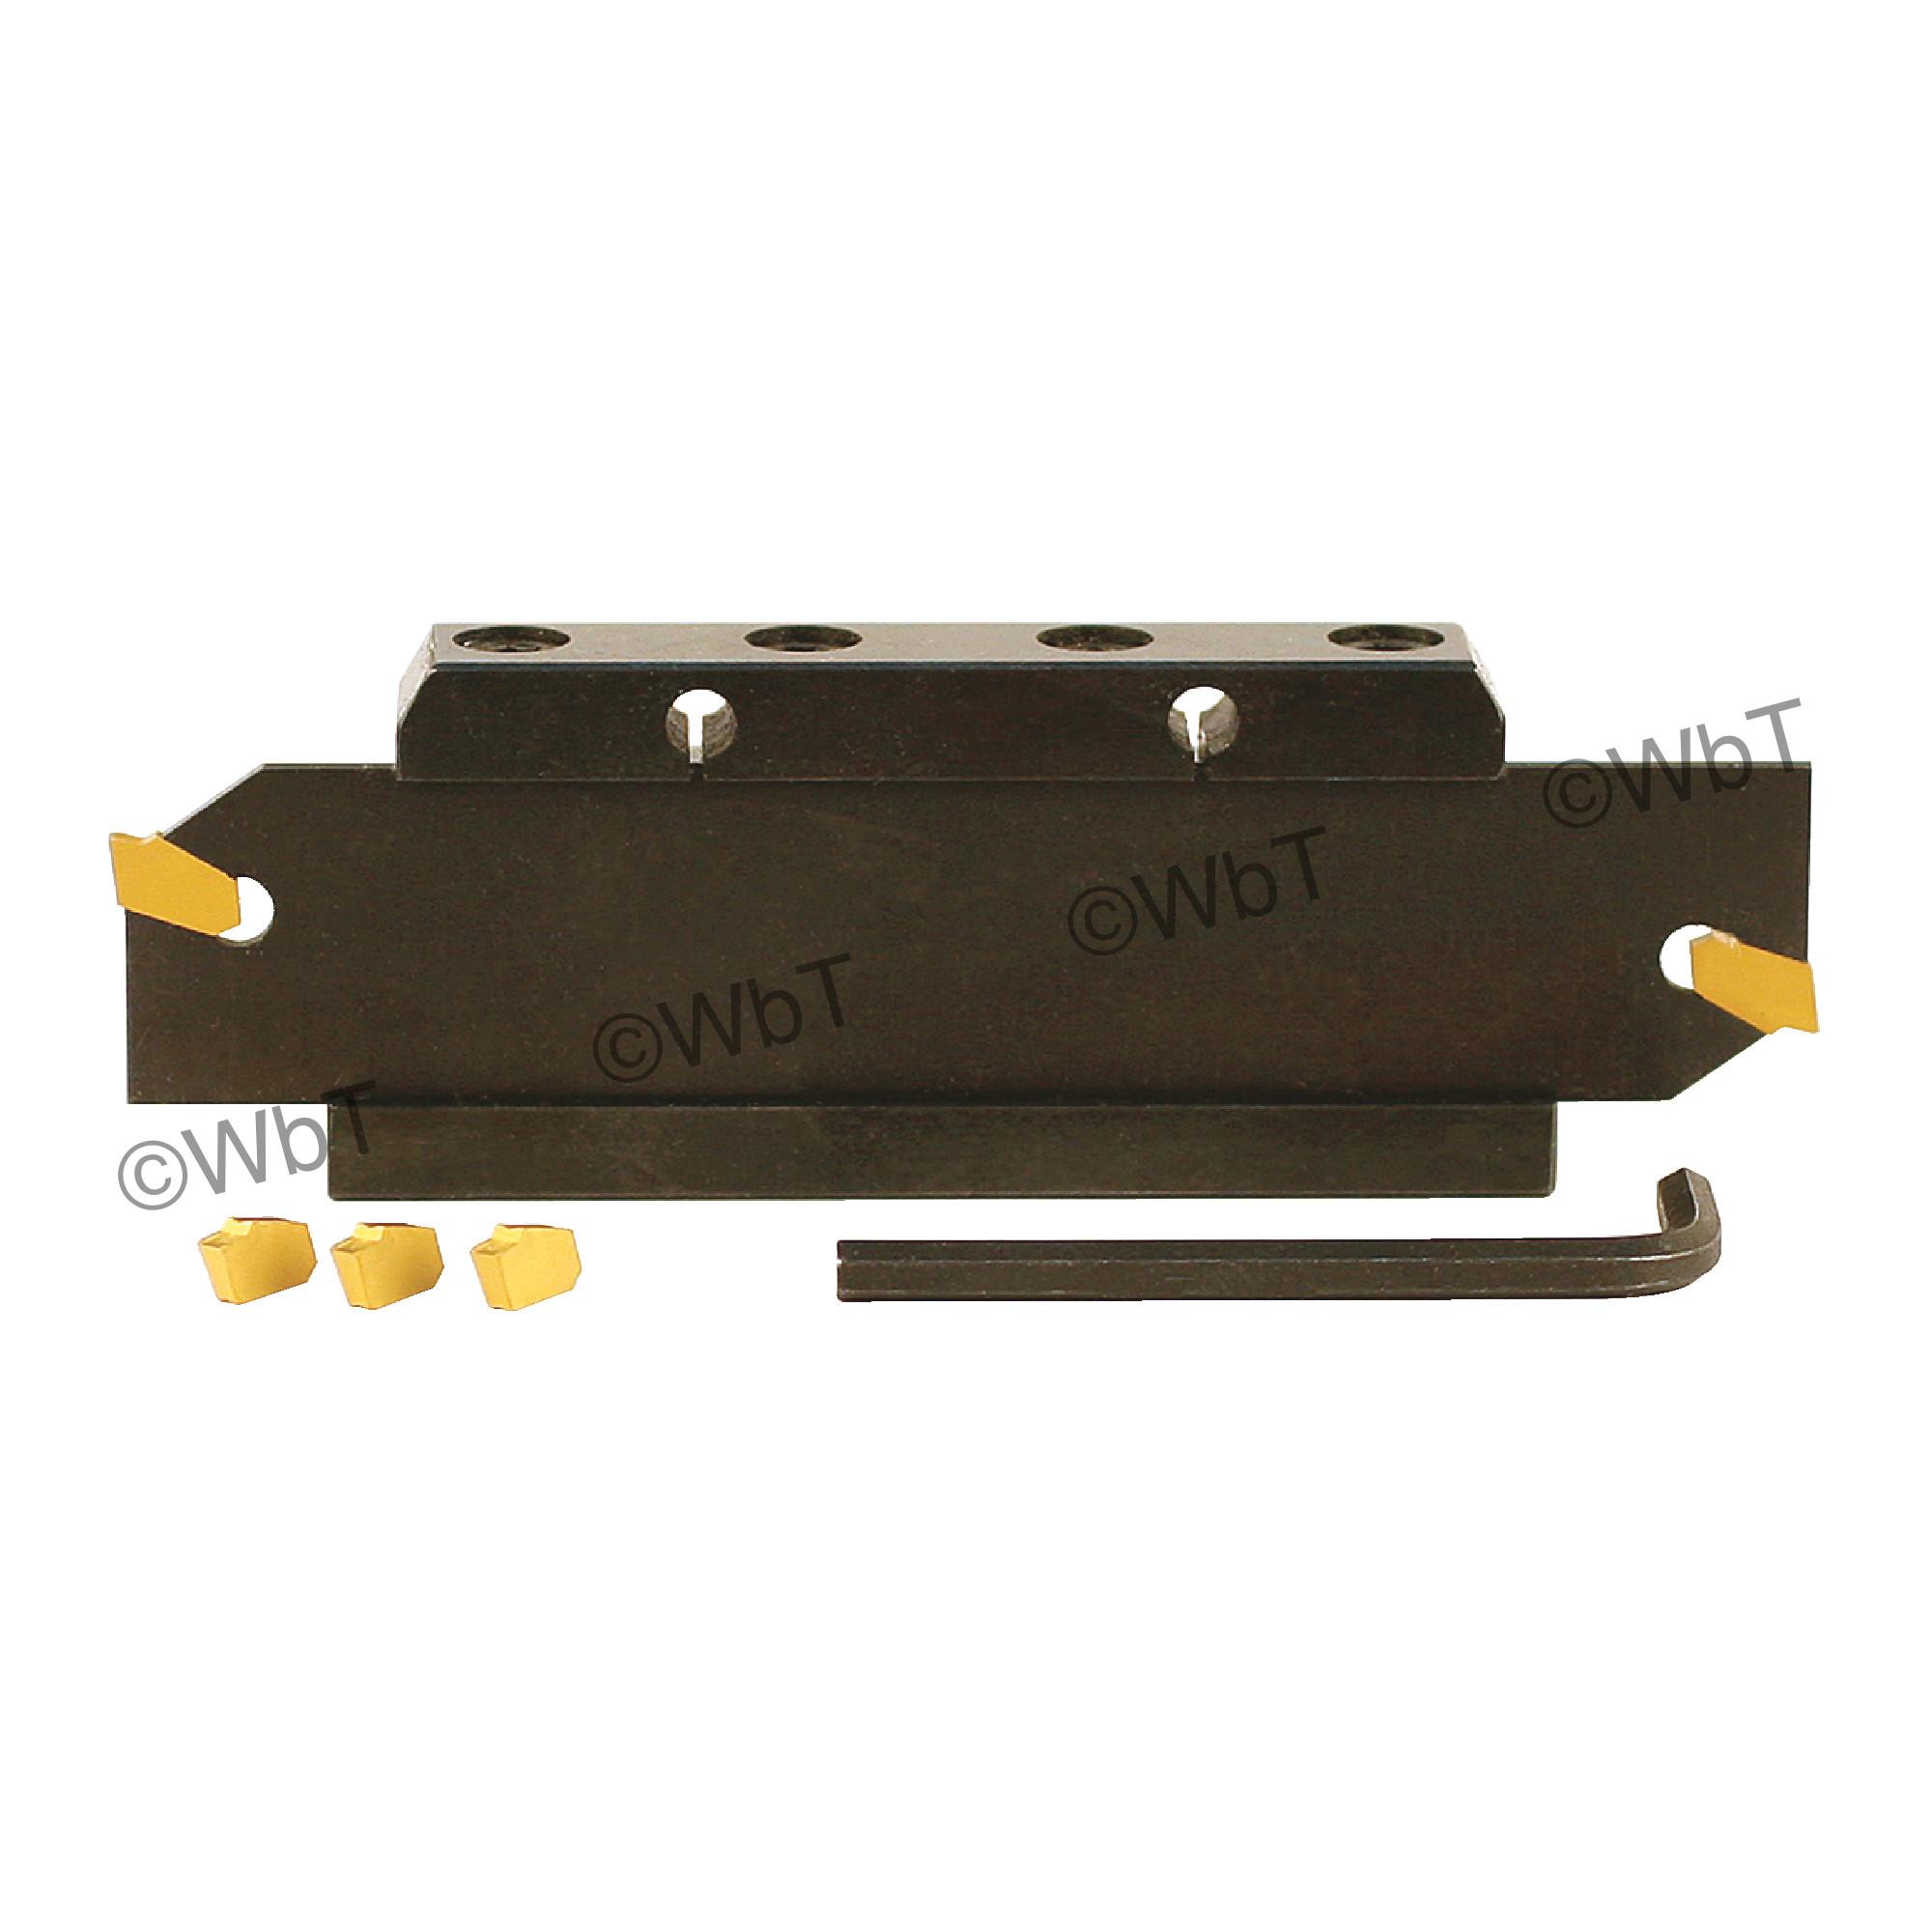 """TERRA CARBIDE - GTN-2 Blade, Block, & Insert Set 1 / 1/2"""" X 1/2"""" Shank / For 3/4"""" (19mm) Height Blades / With (5) GTN-2"""